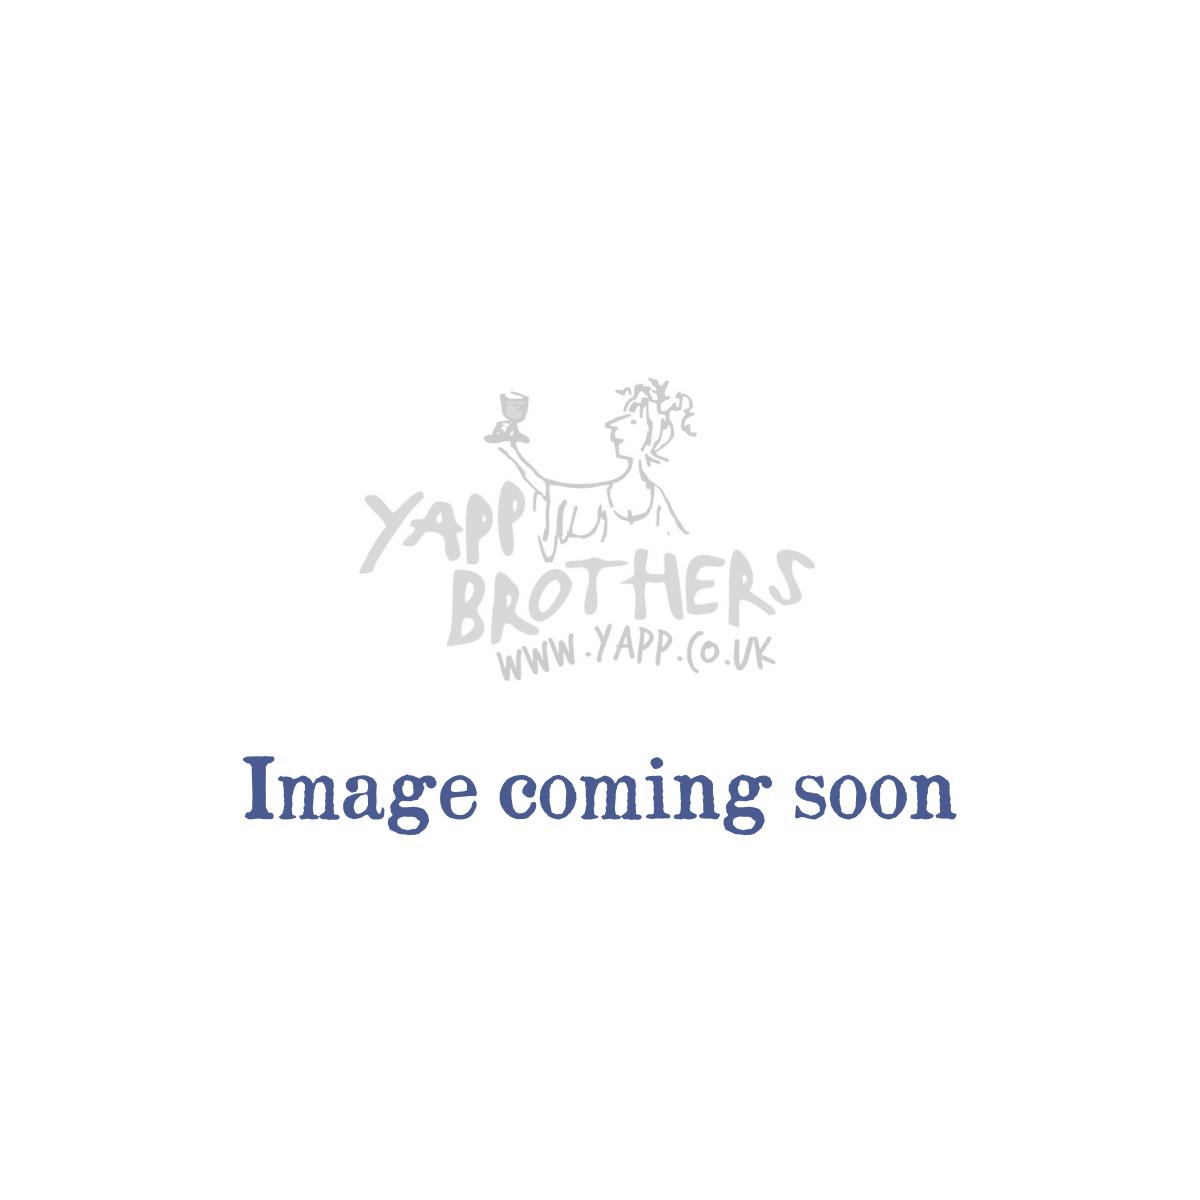 Côtes du Roussillon: Domaine Ferrer-Ribière 'Cuvée Tradition' 2017 - Bottle rear label.